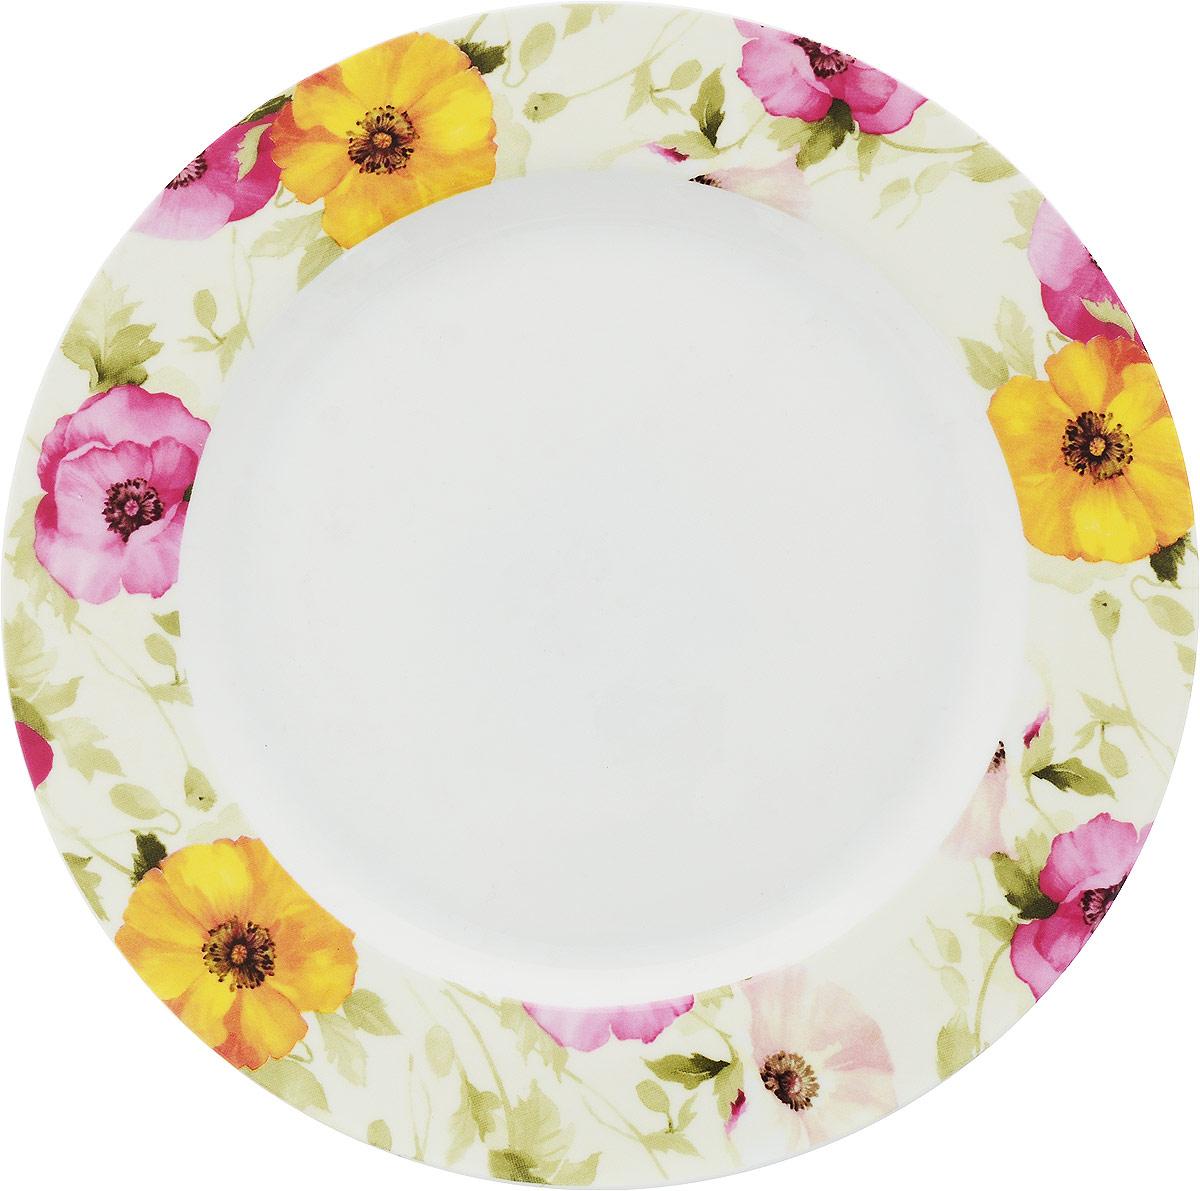 Тарелка обеденная МФК-профит Дели, 27 см эффективный дели 70653 может быть большой емкость стиральным вдоль цвета маркеров 18